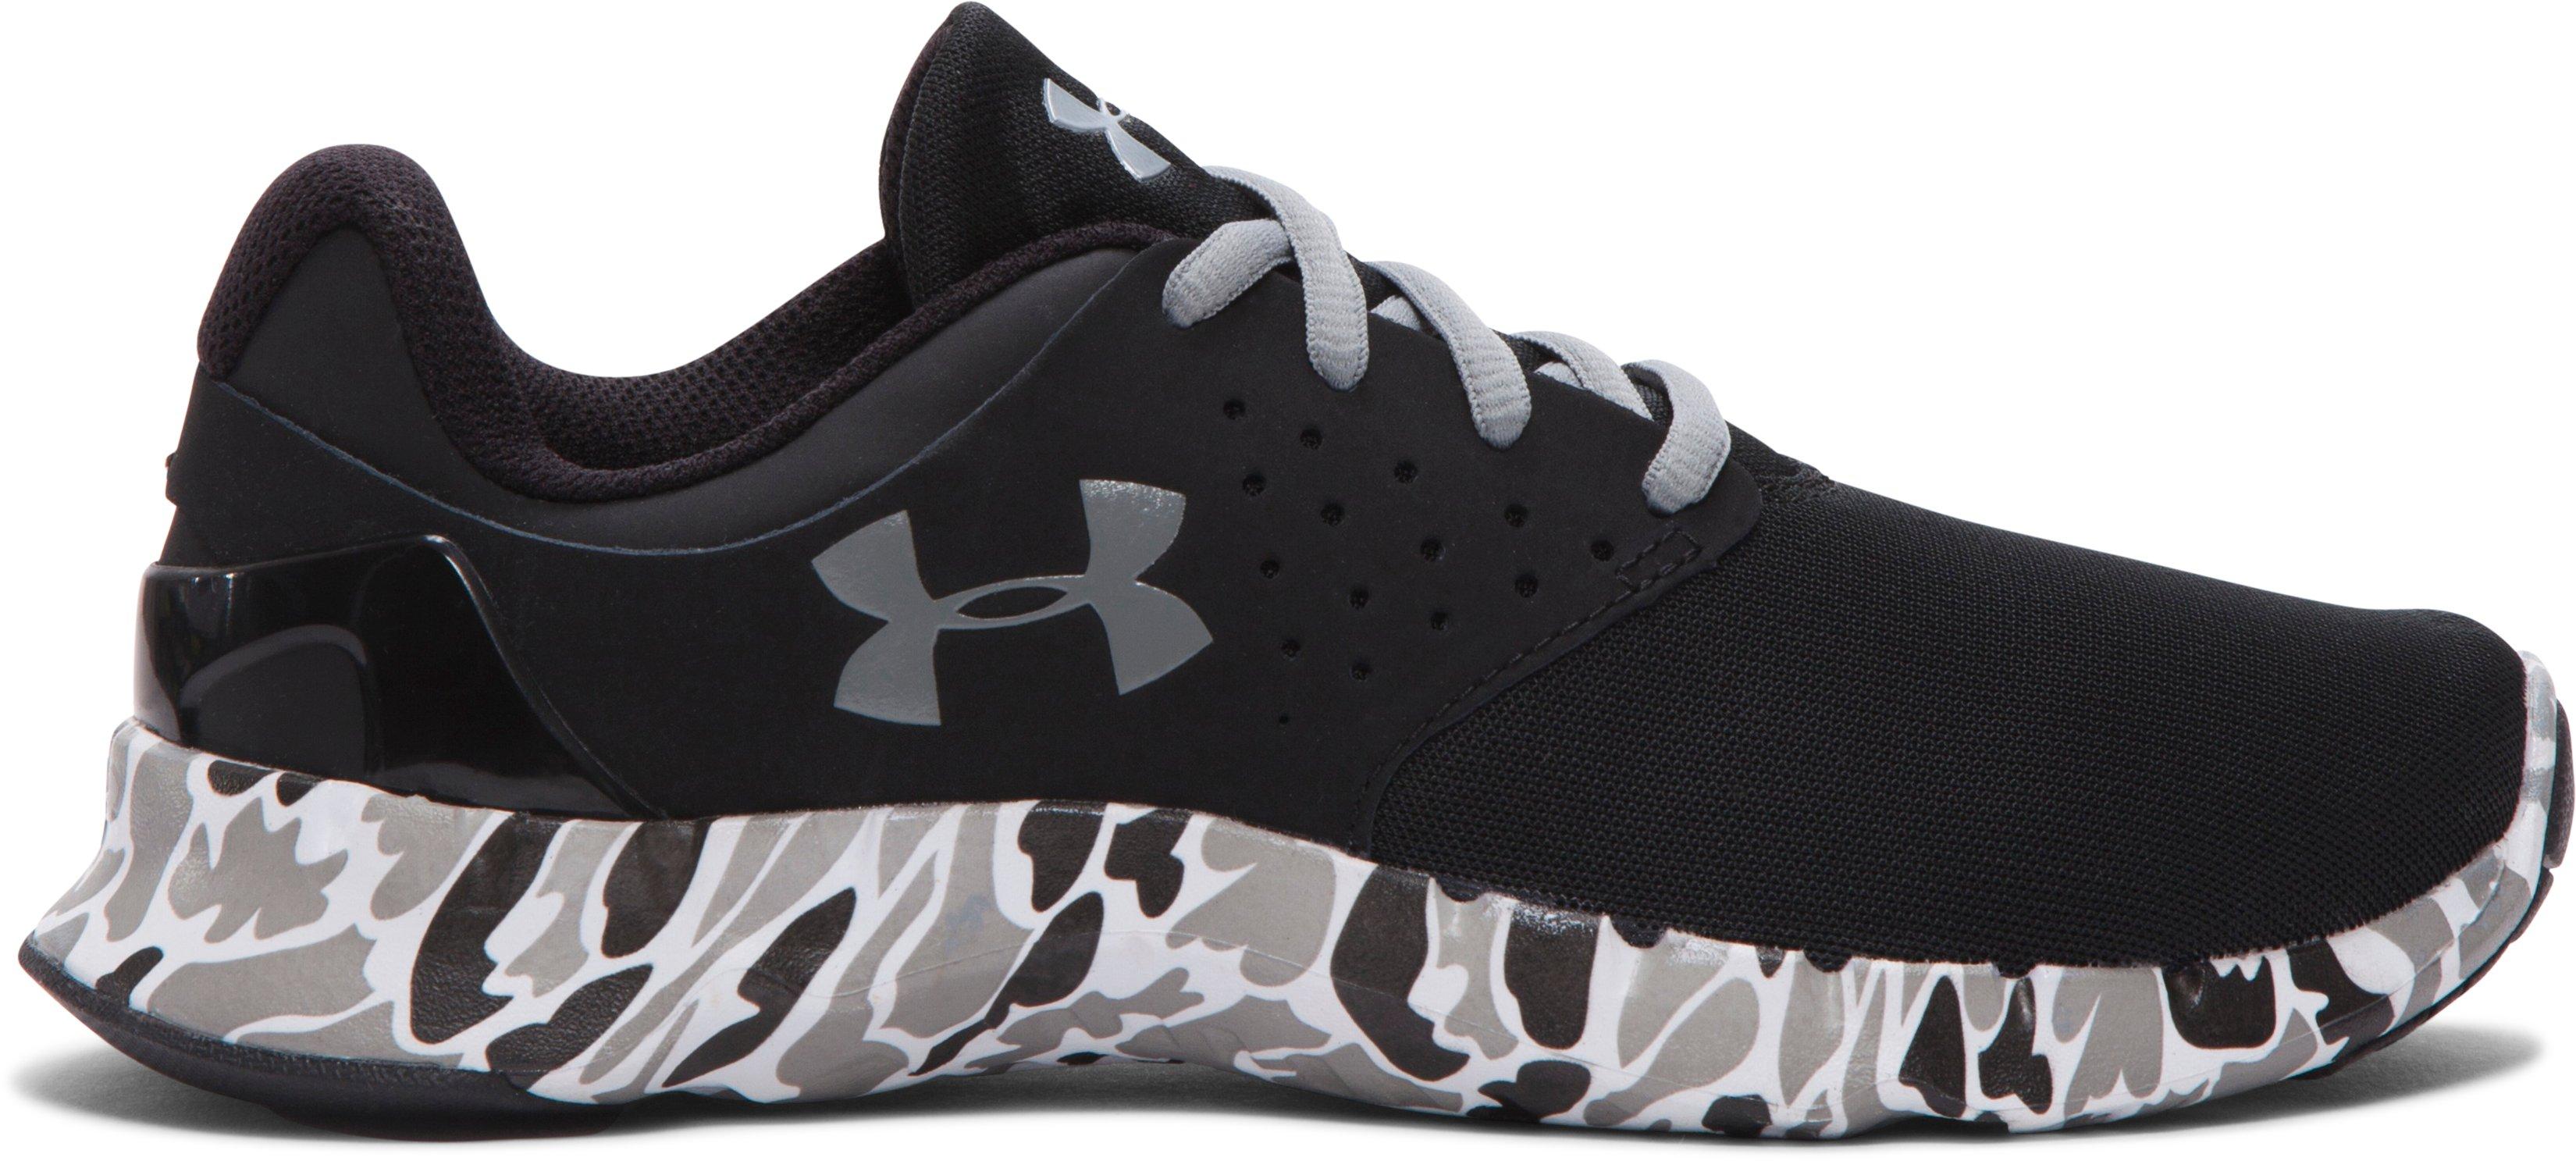 Under Armour Boys Grade School UA Flow Camo Running Shoes